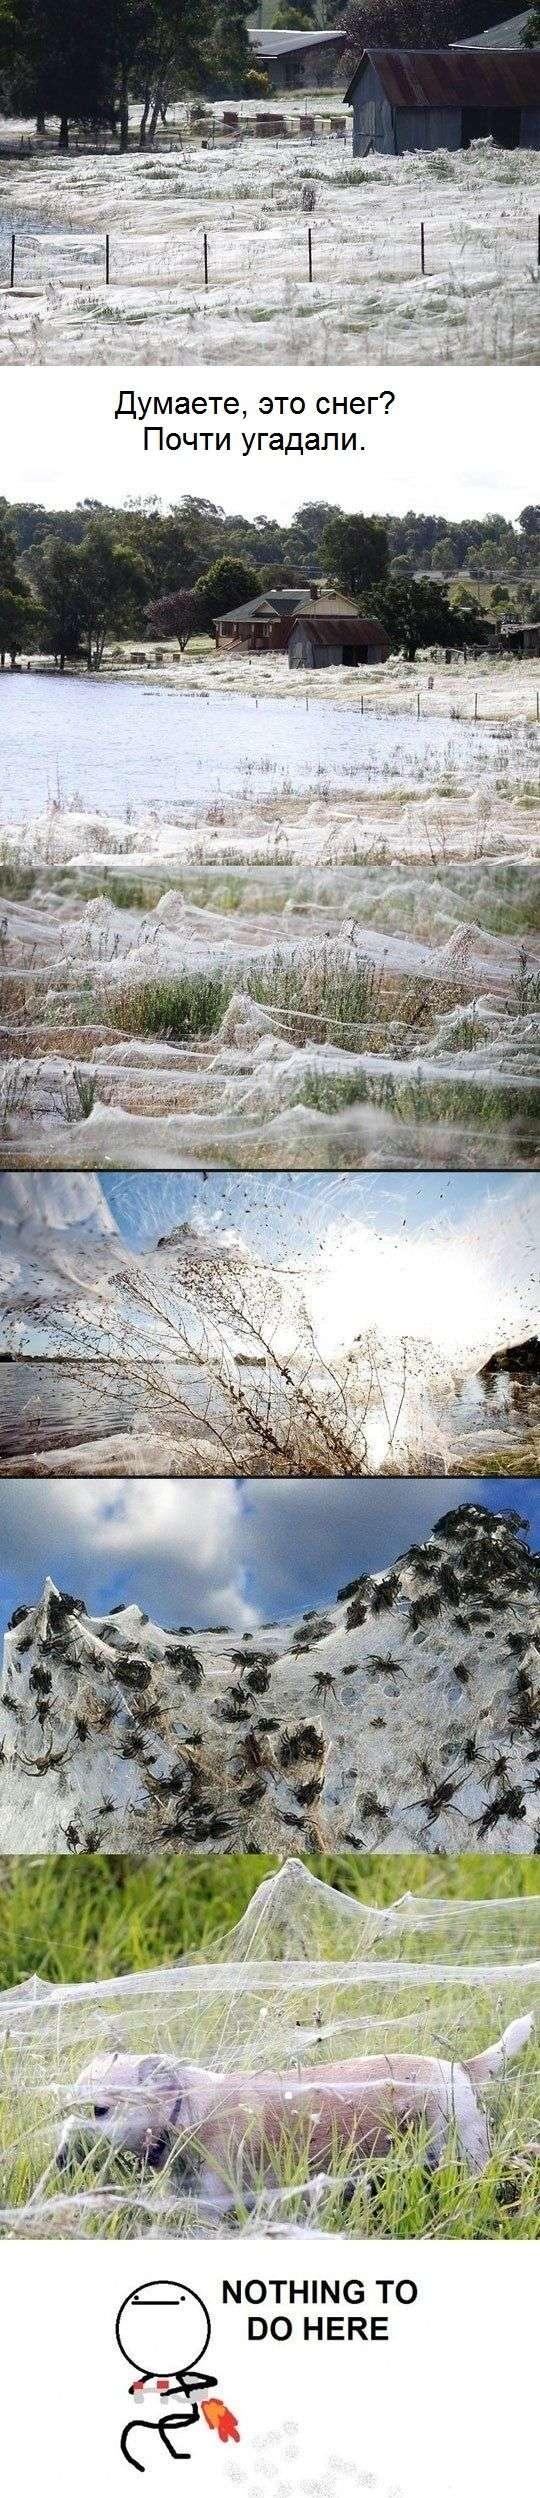 Прикольні картинки (101 фото)